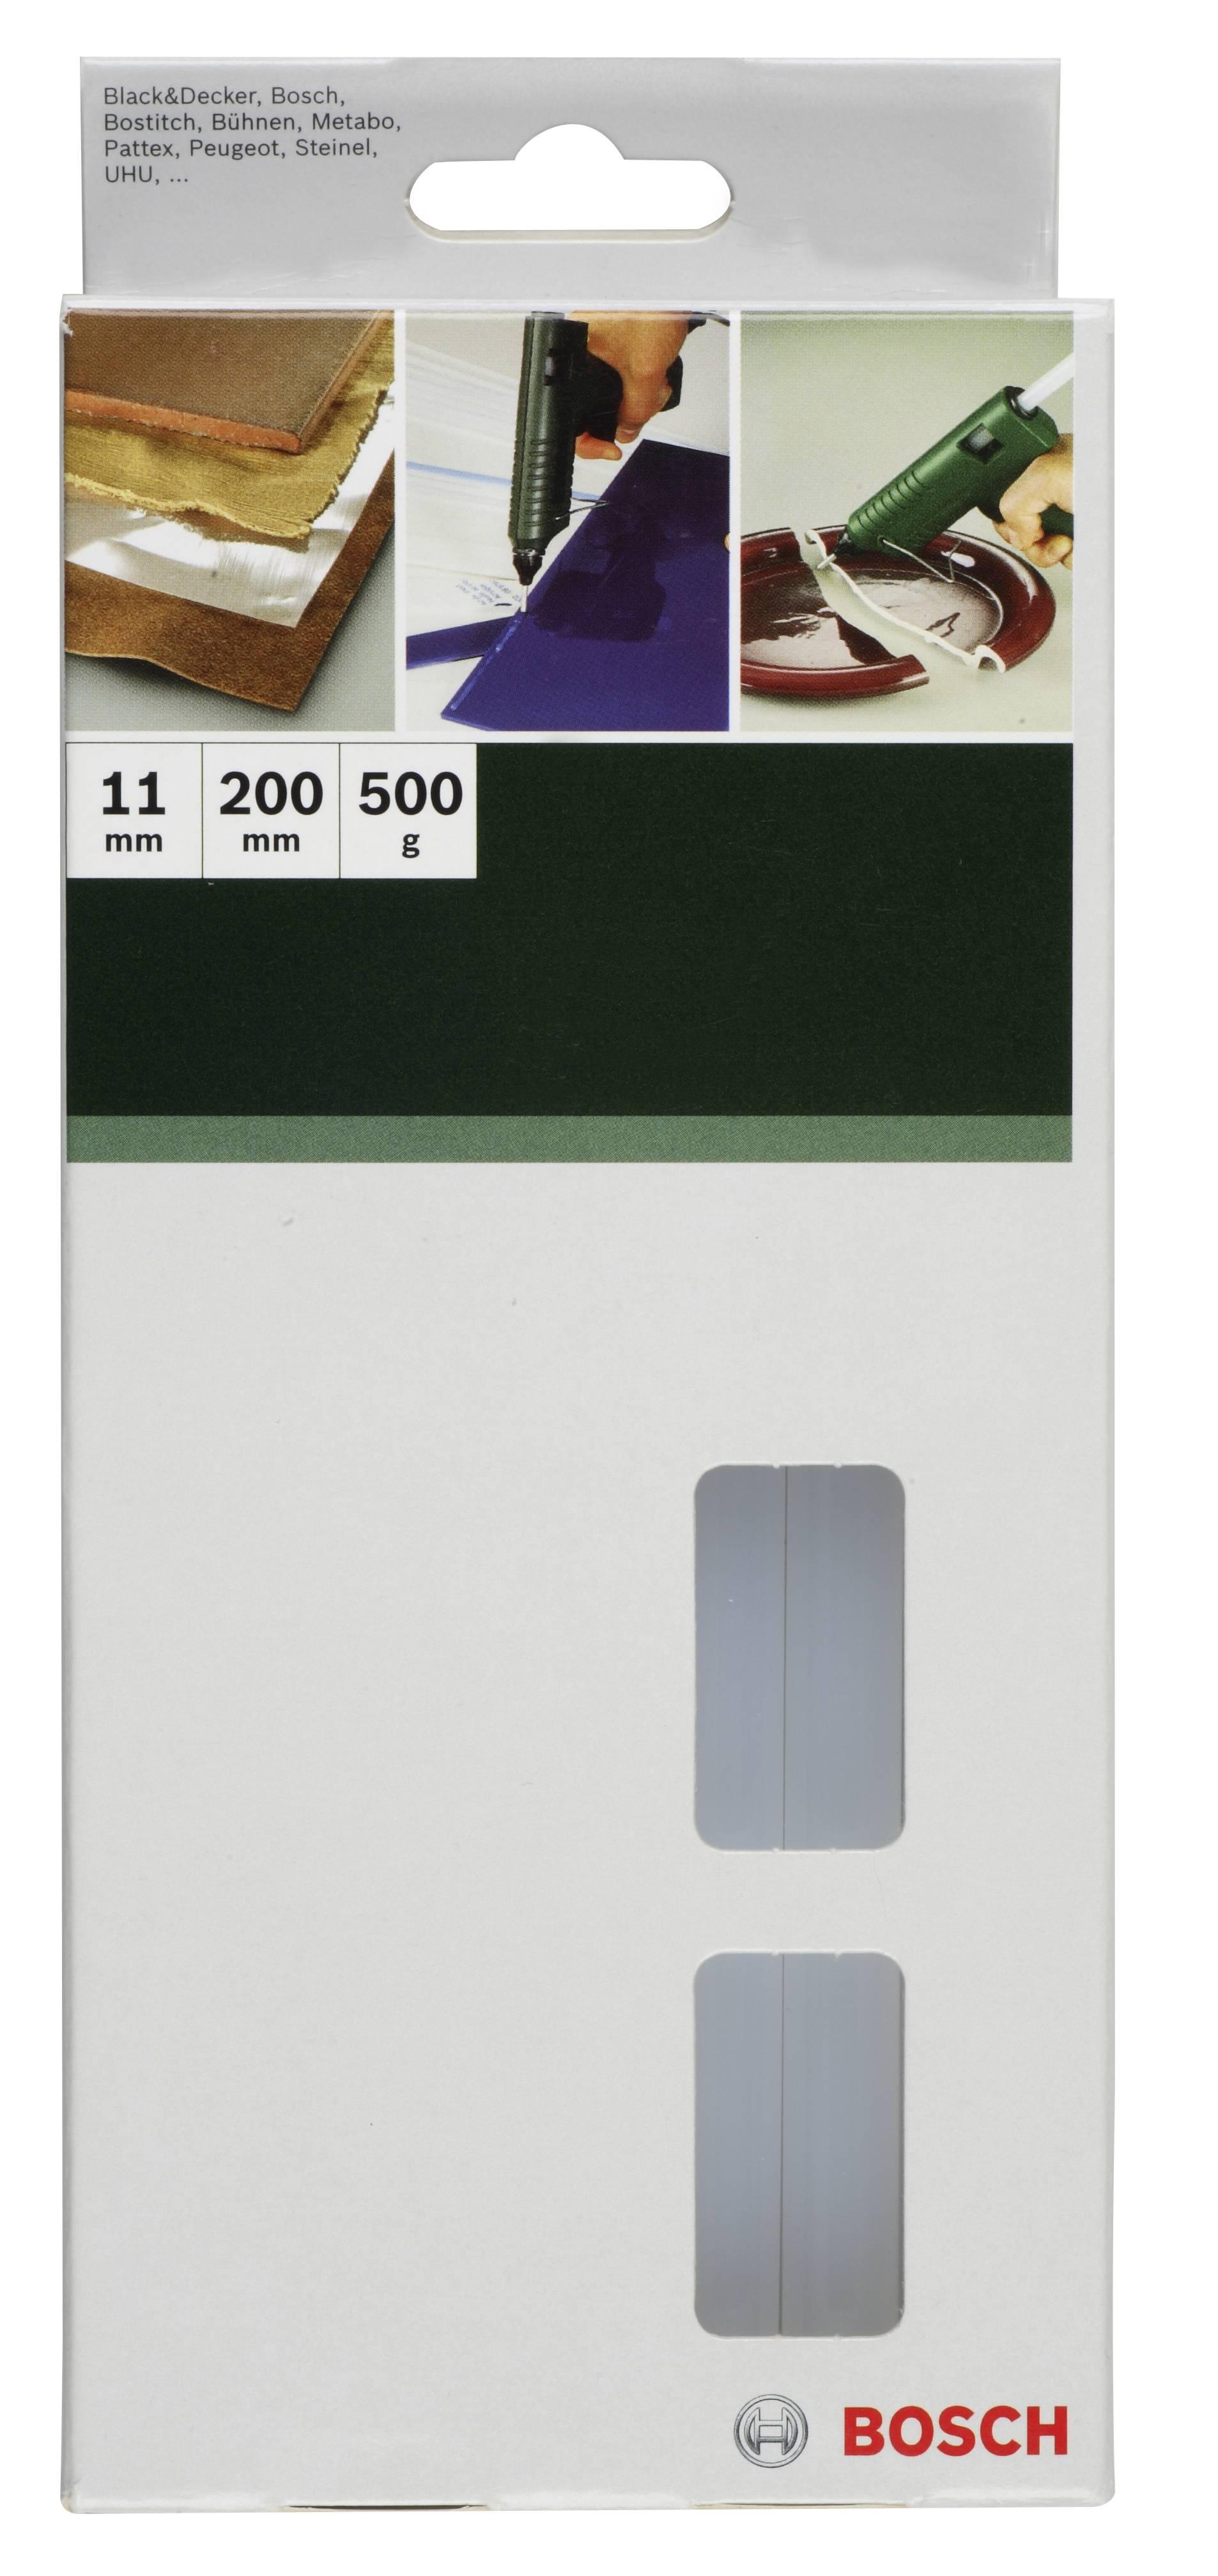 Lepicí tyčinky Bosch Accessories 2609255800, Ø 11 mm, délka 200 mm, 500 g, transparentní